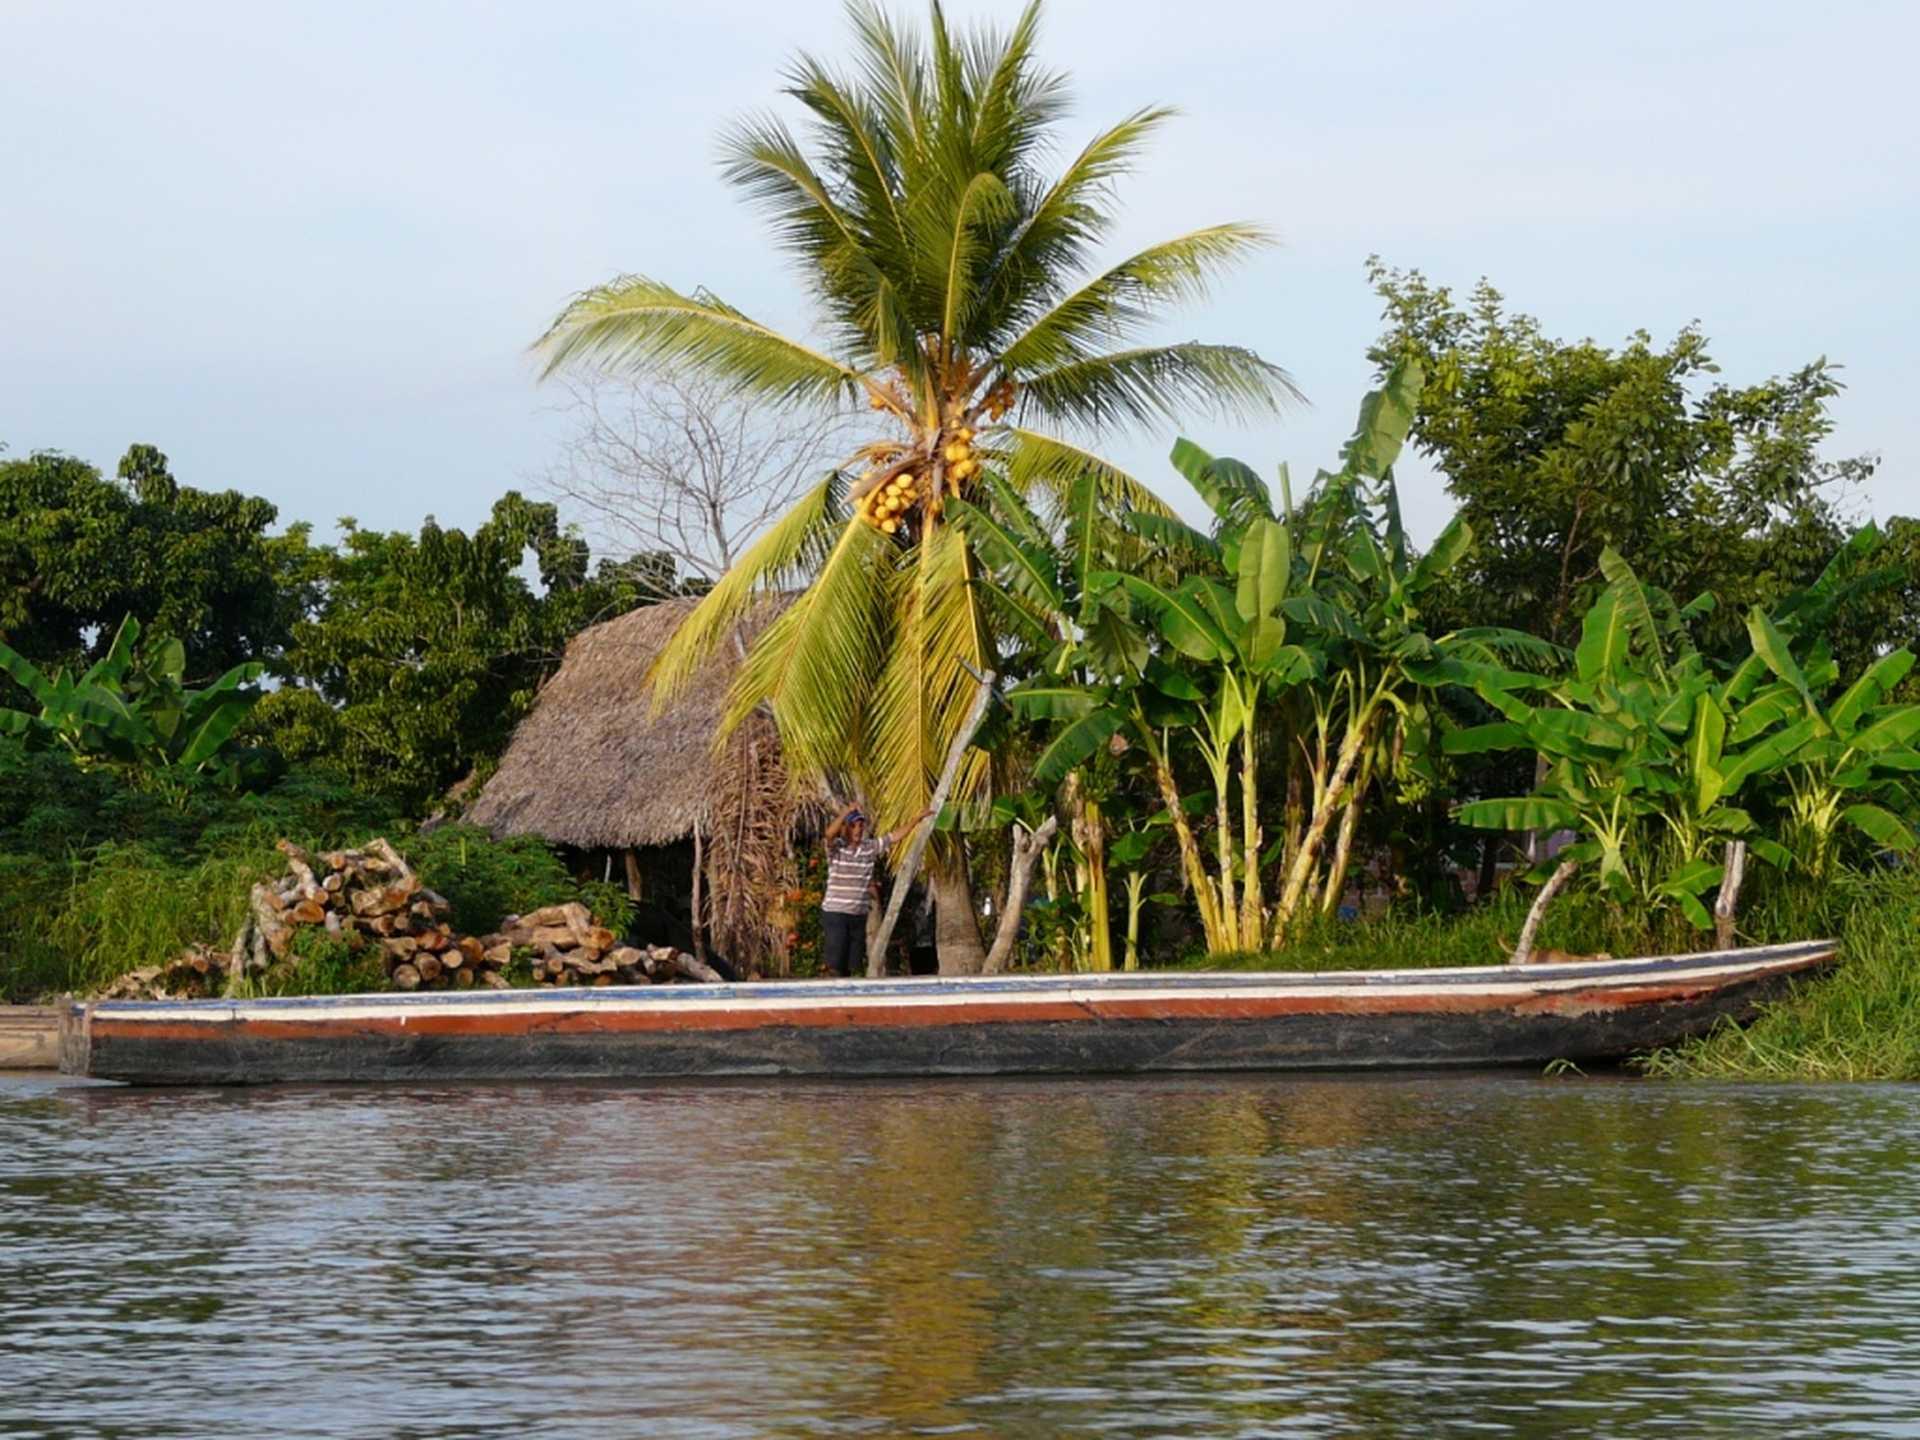 voyage découvert colombie, Rio Magdalena, Mompox, Barichara, Cartagena